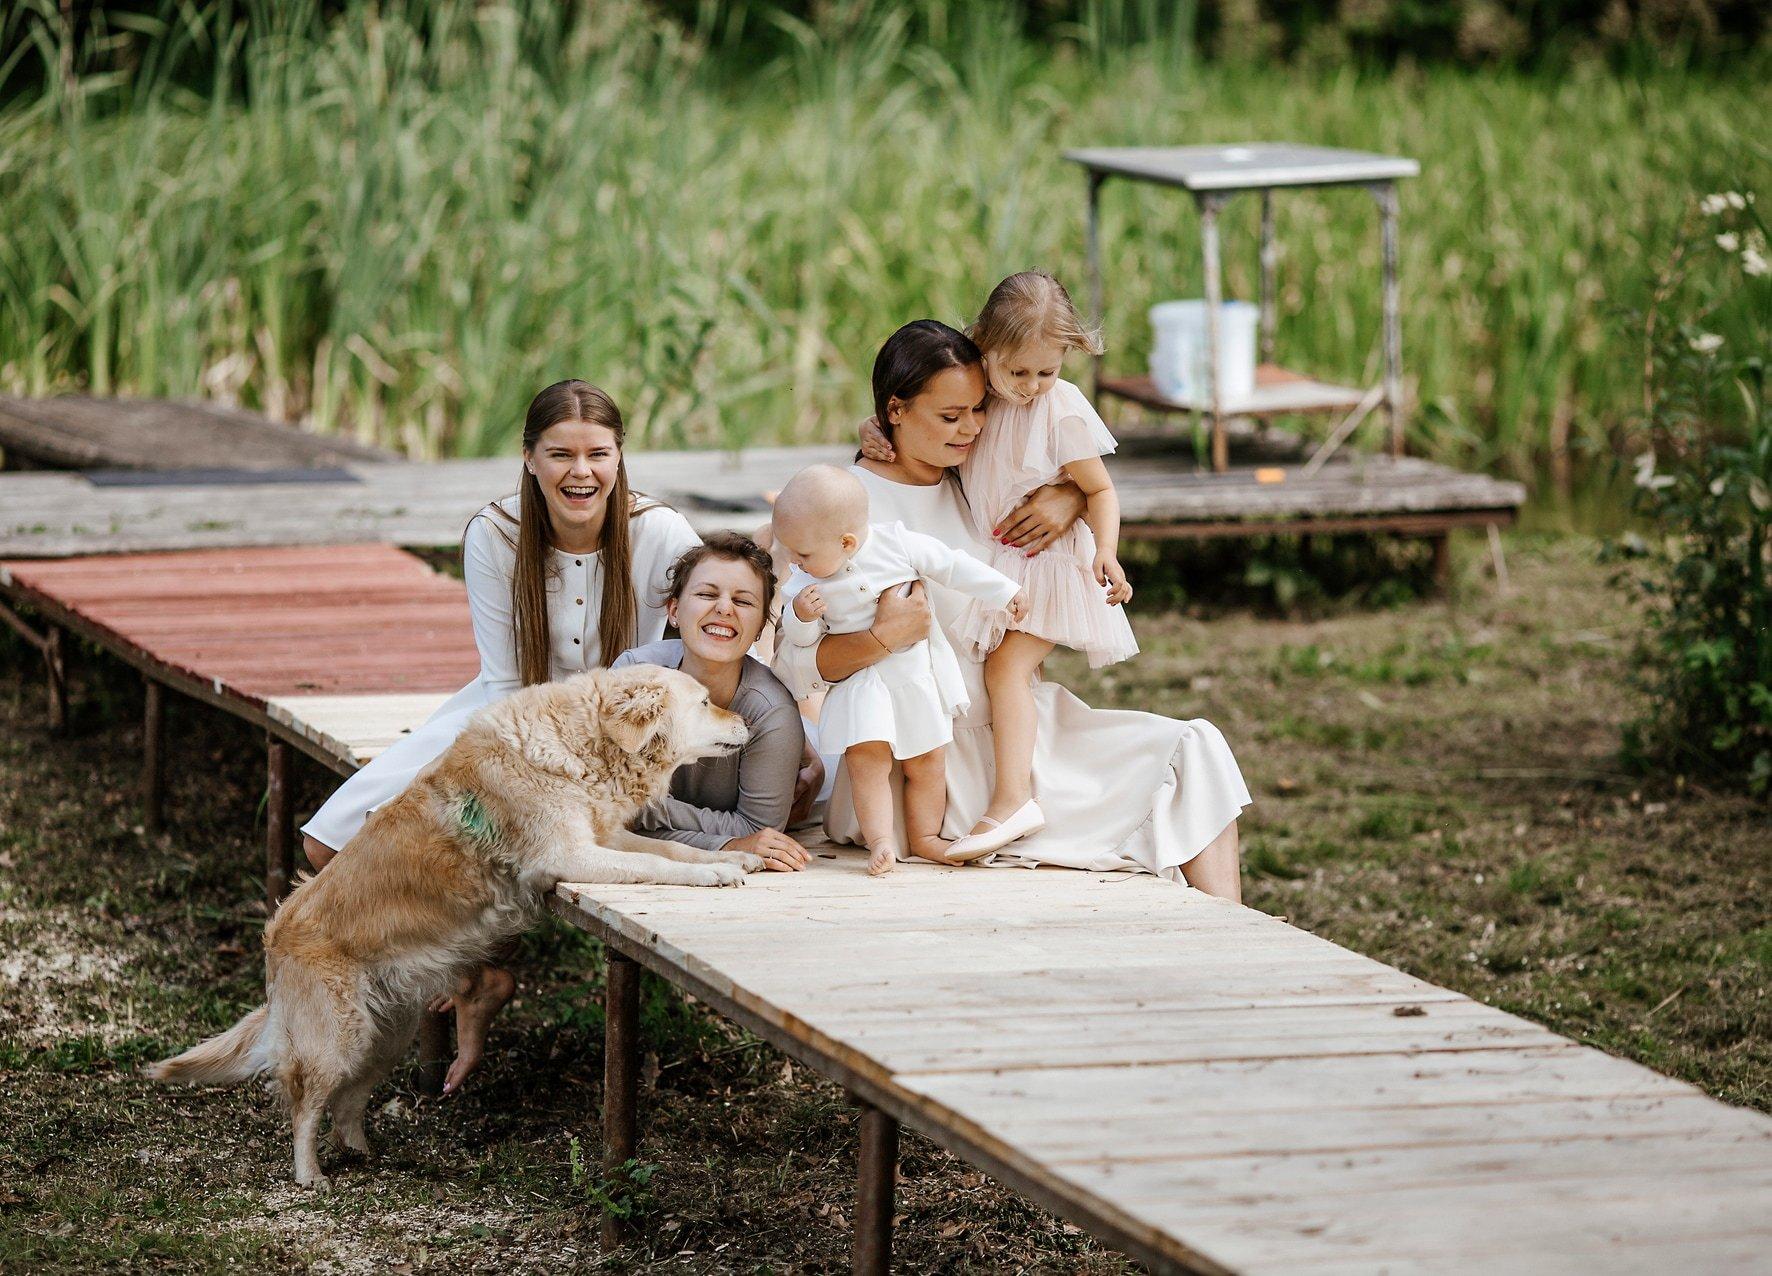 Jūratė Čiakienė - Krikštynų fotosesijos